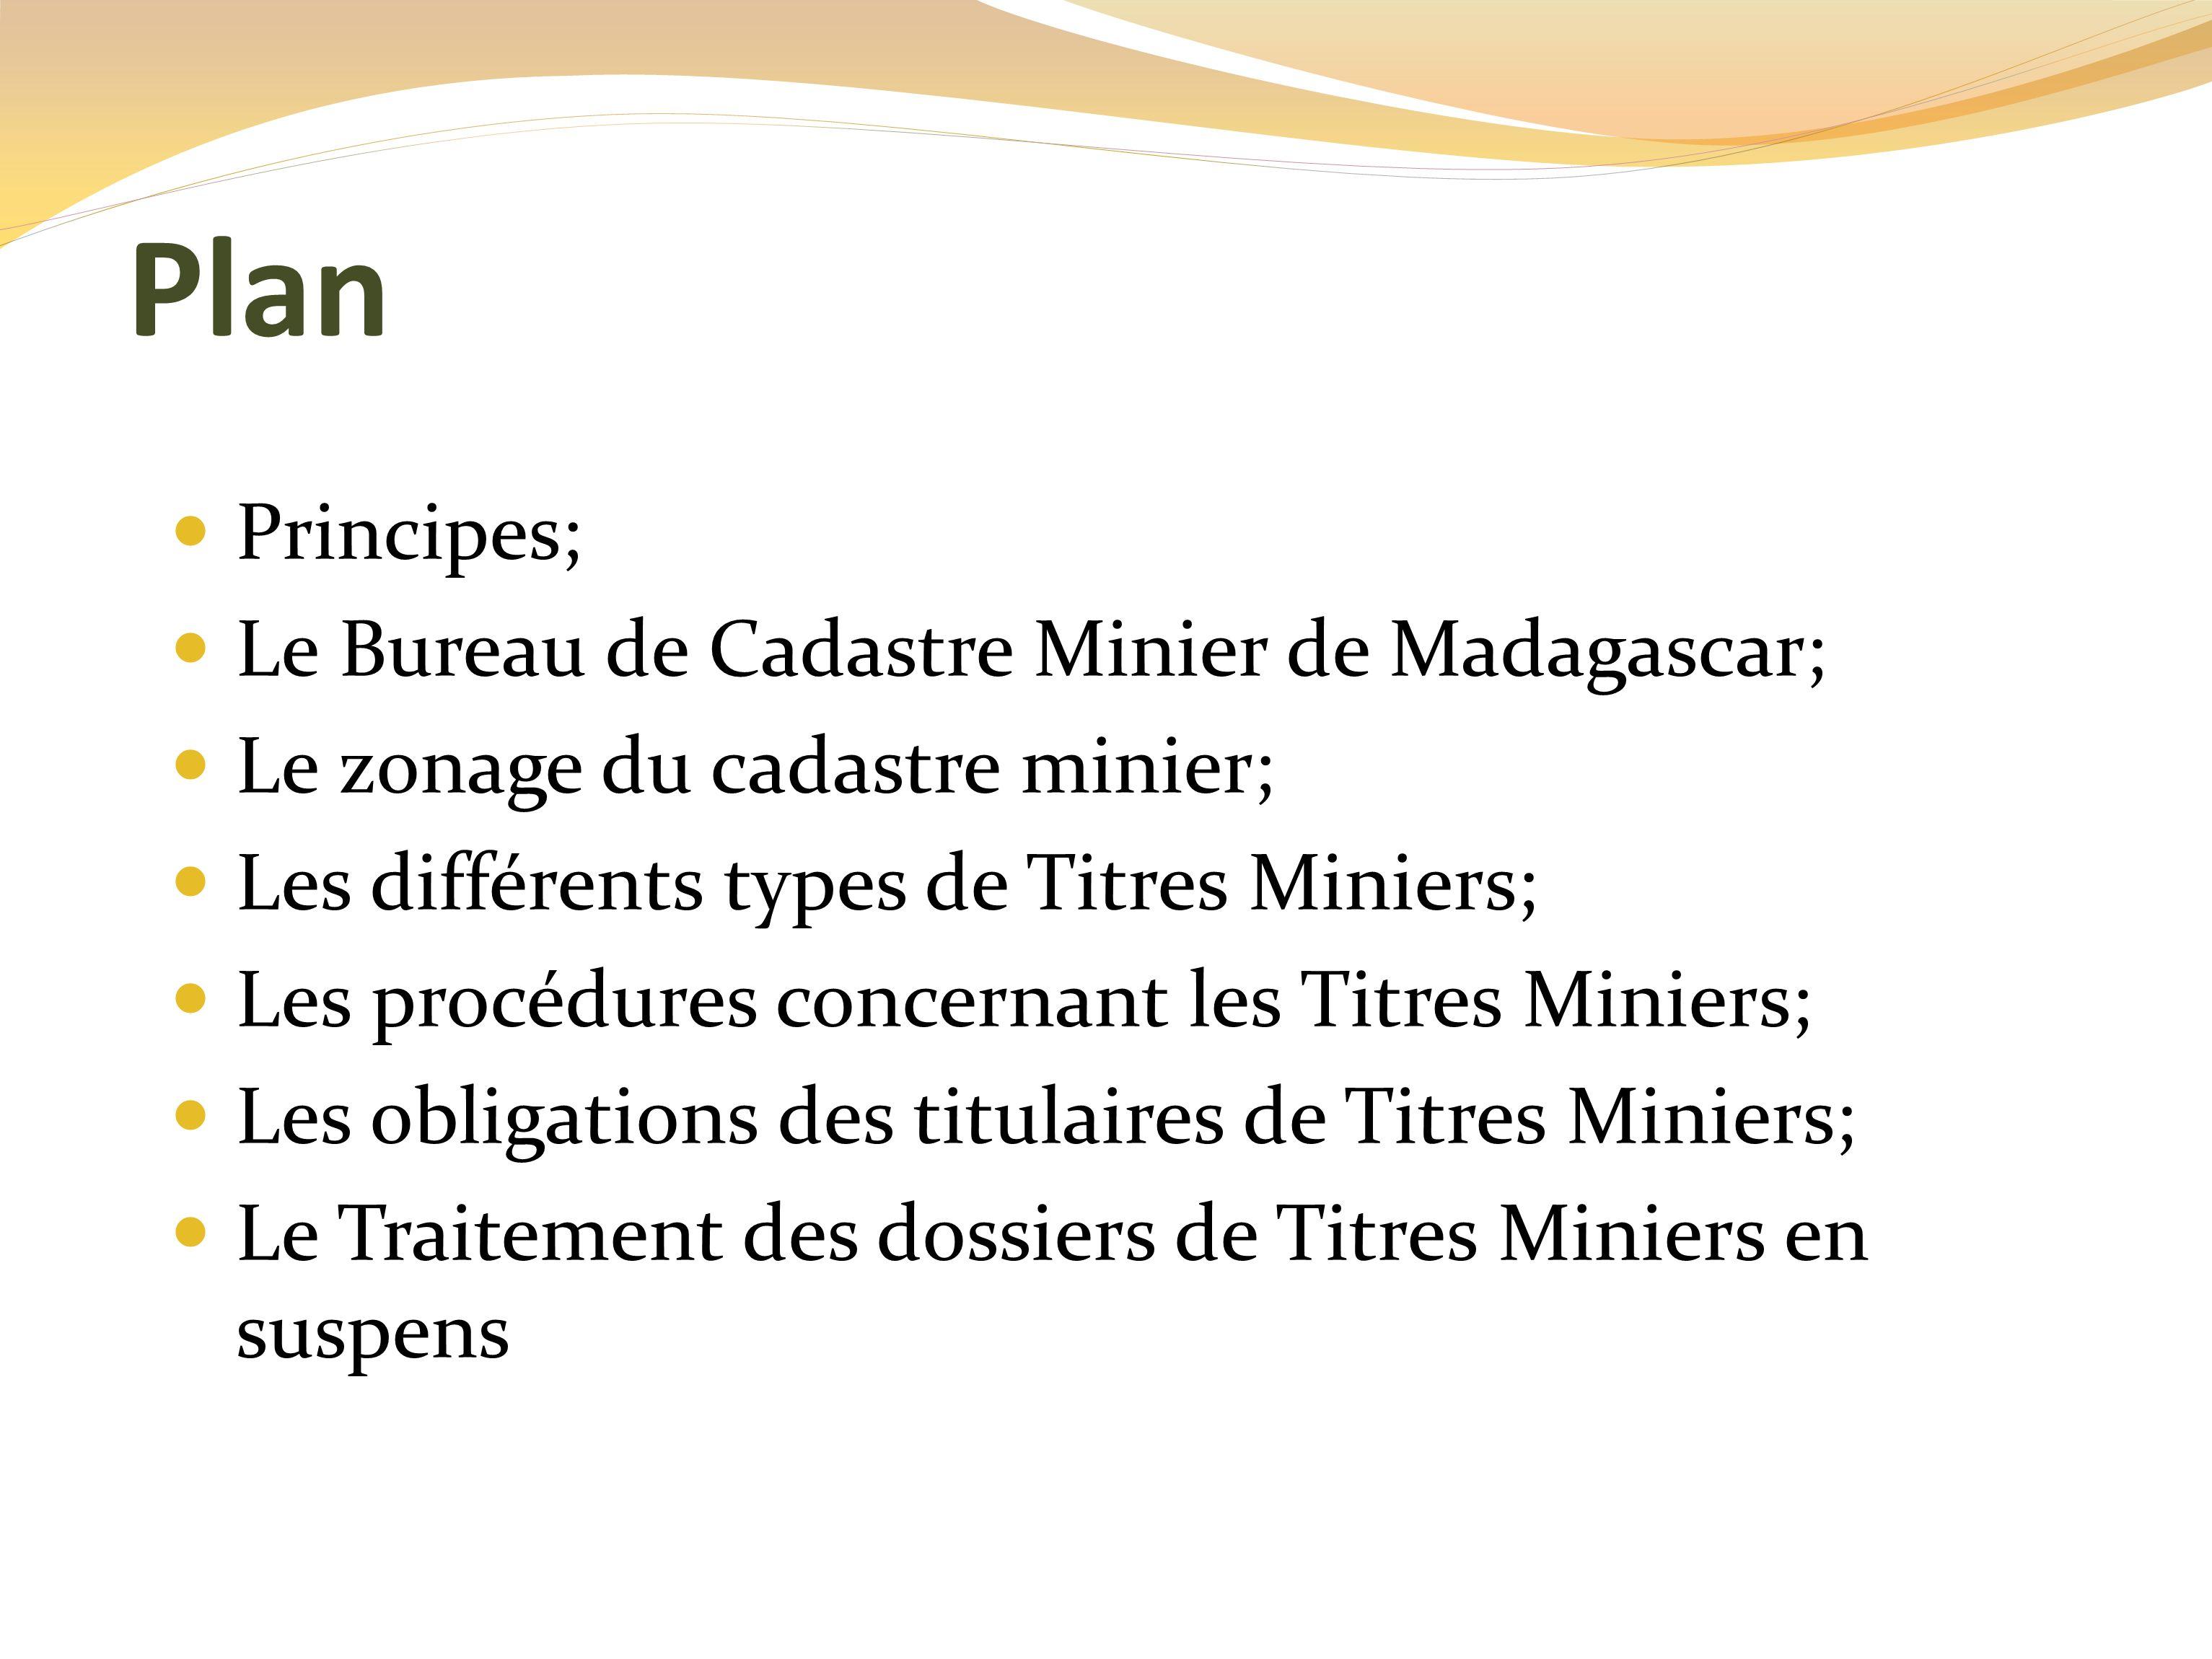 Plan Principes; Le Bureau de Cadastre Minier de Madagascar; Le zonage du cadastre minier; Les différents types de Titres Miniers; Les procédures concernant les Titres Miniers; Les obligations des titulaires de Titres Miniers; Le Traitement des dossiers de Titres Miniers en suspens